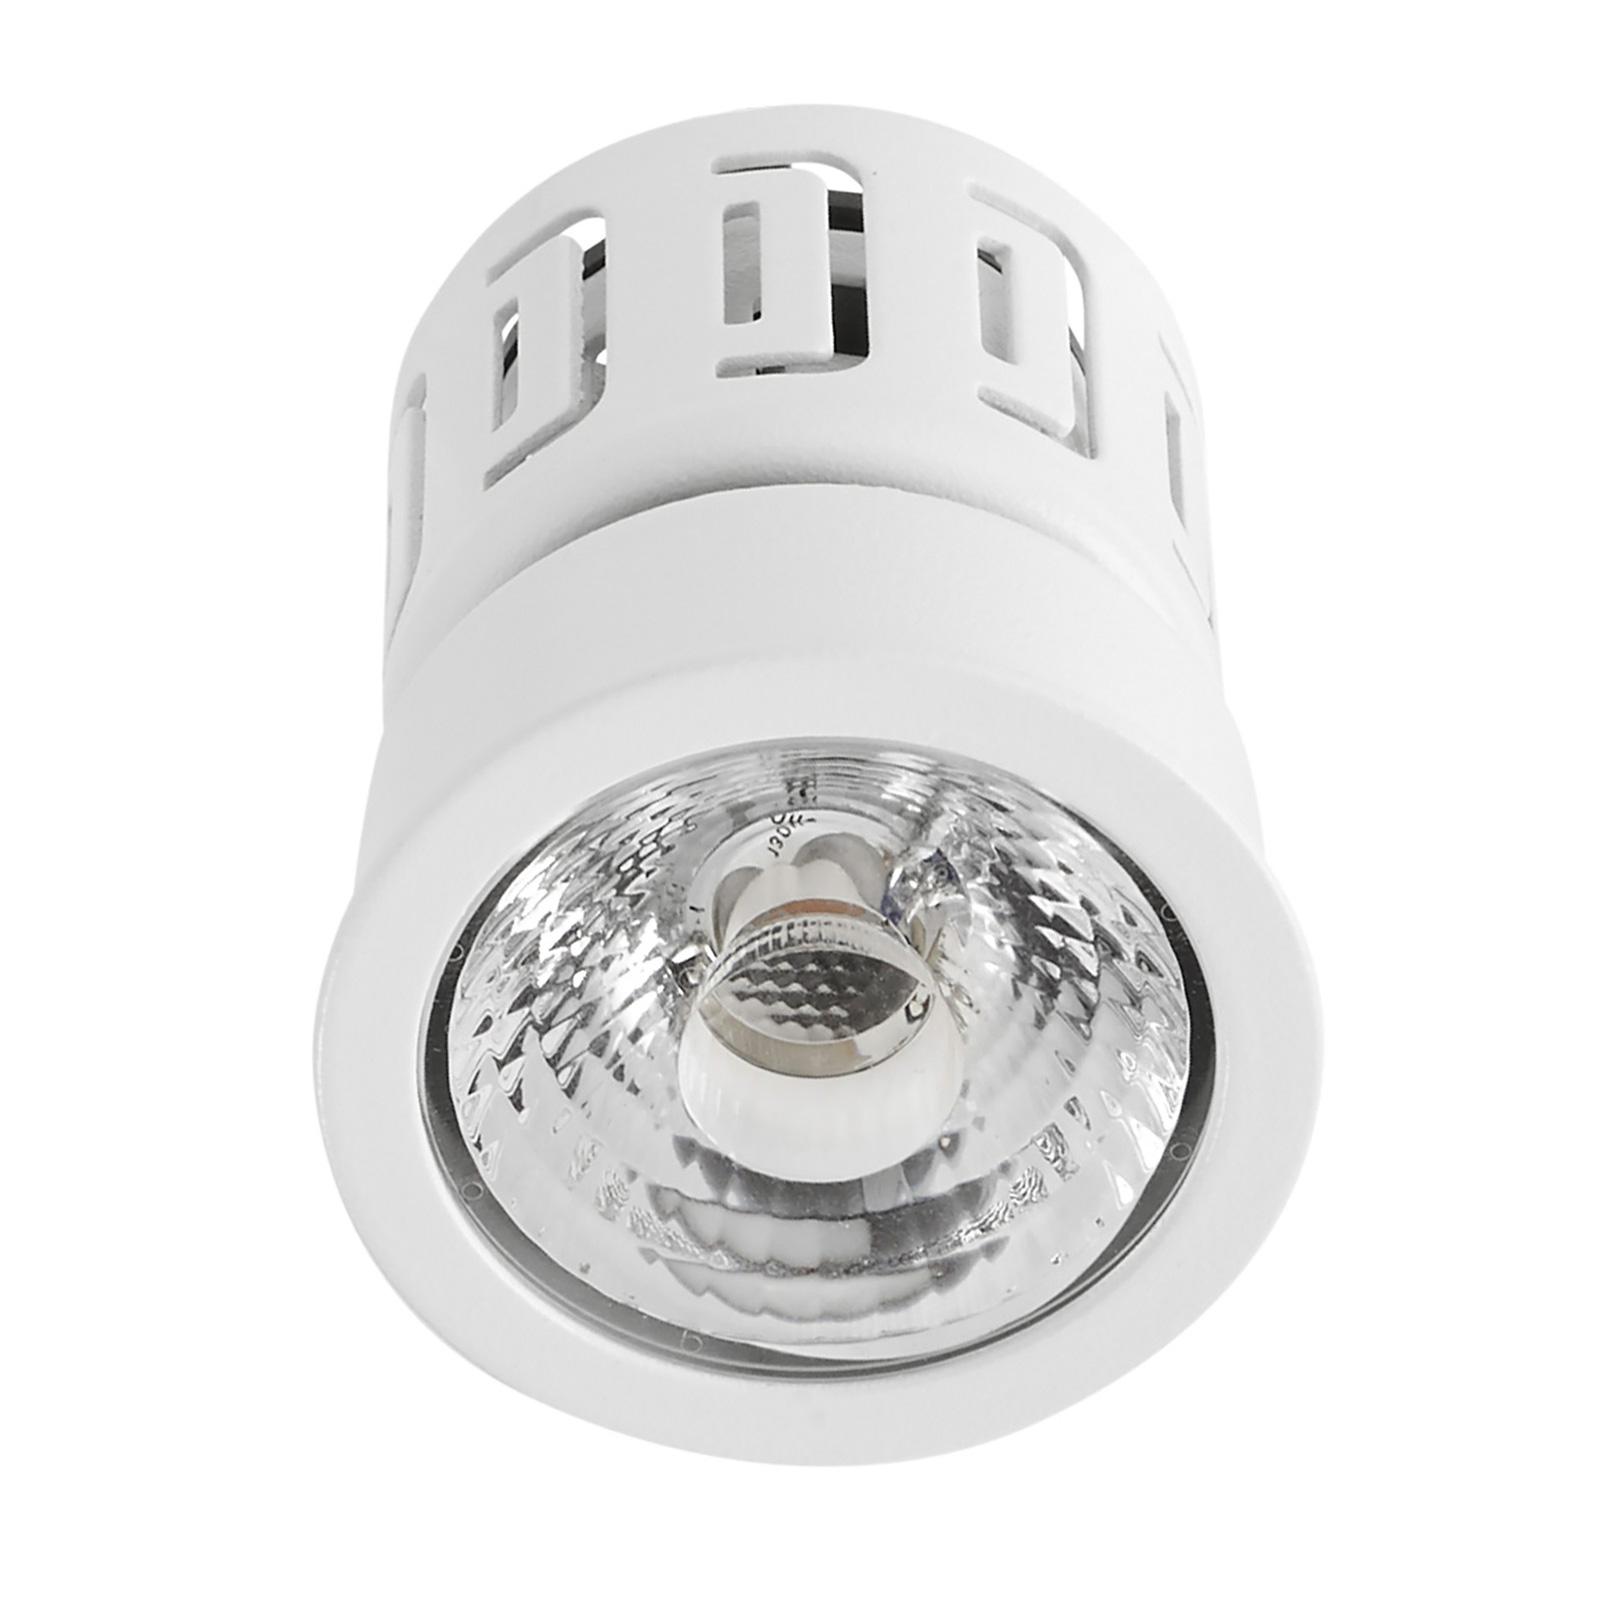 LEDS-C4 IN LED-modul Multidir Evo S, 2 700 K